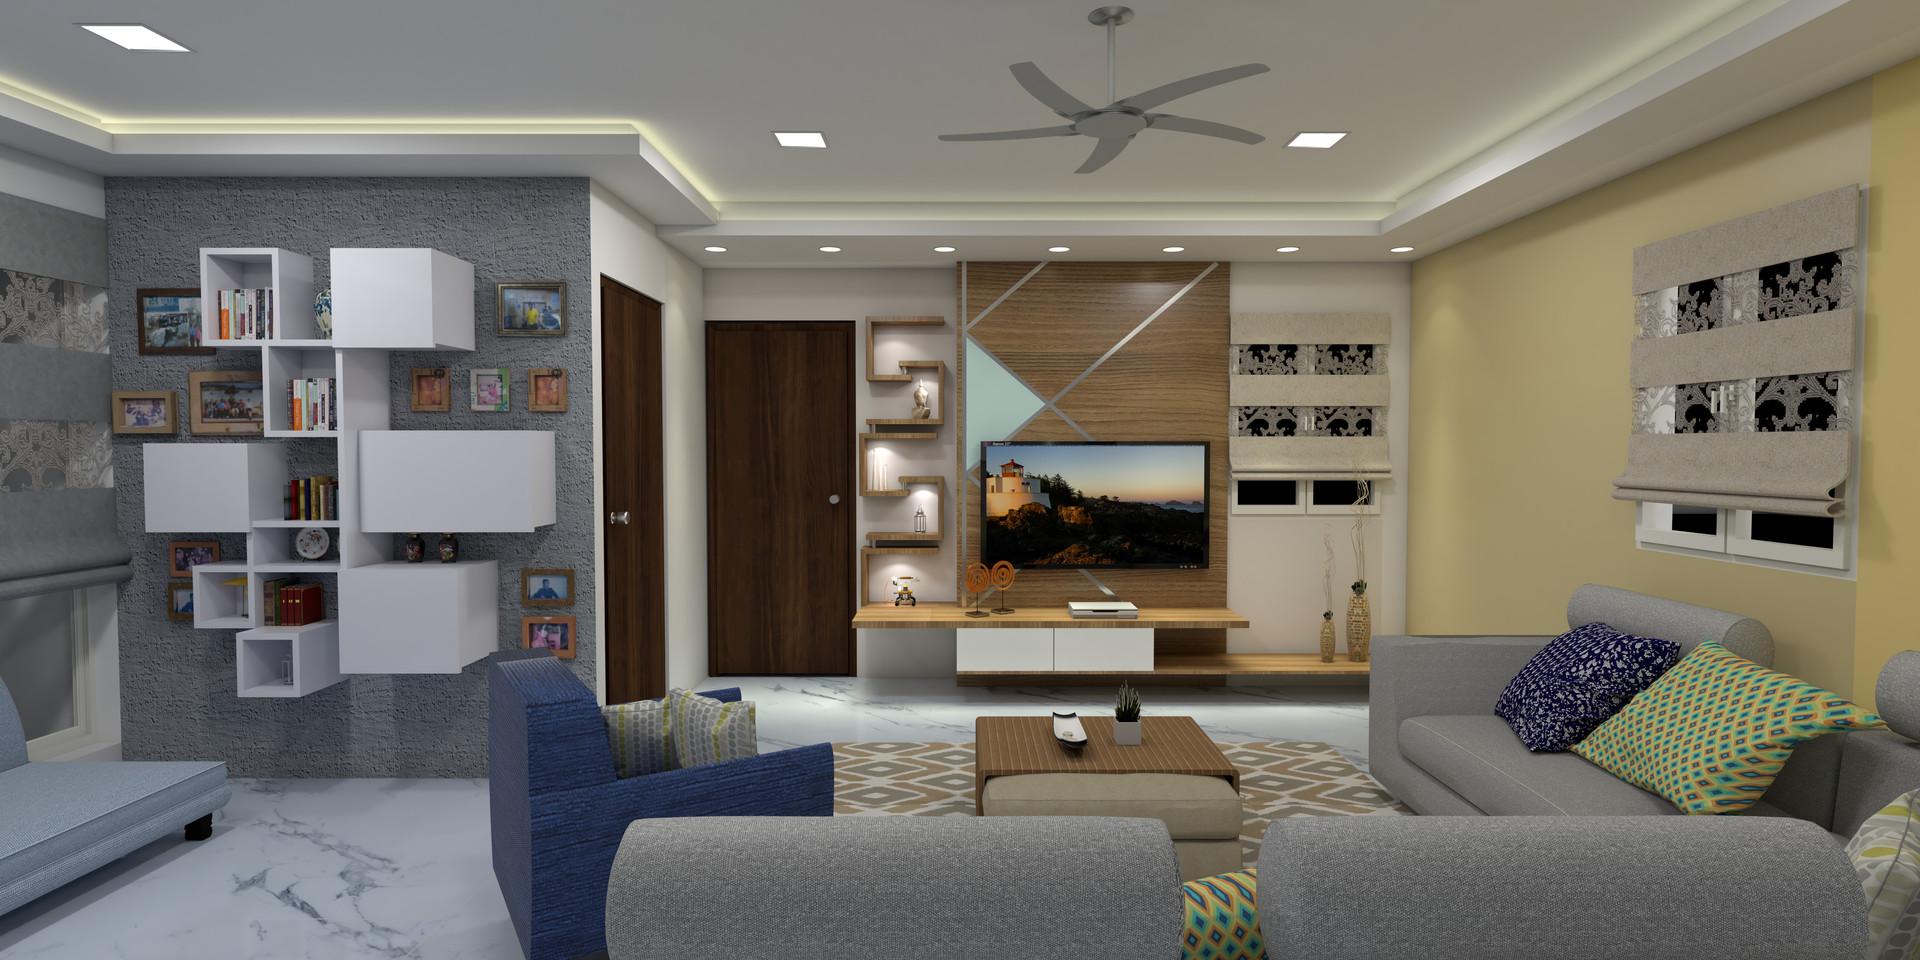 Premium Large Spaces 4BHK Interior